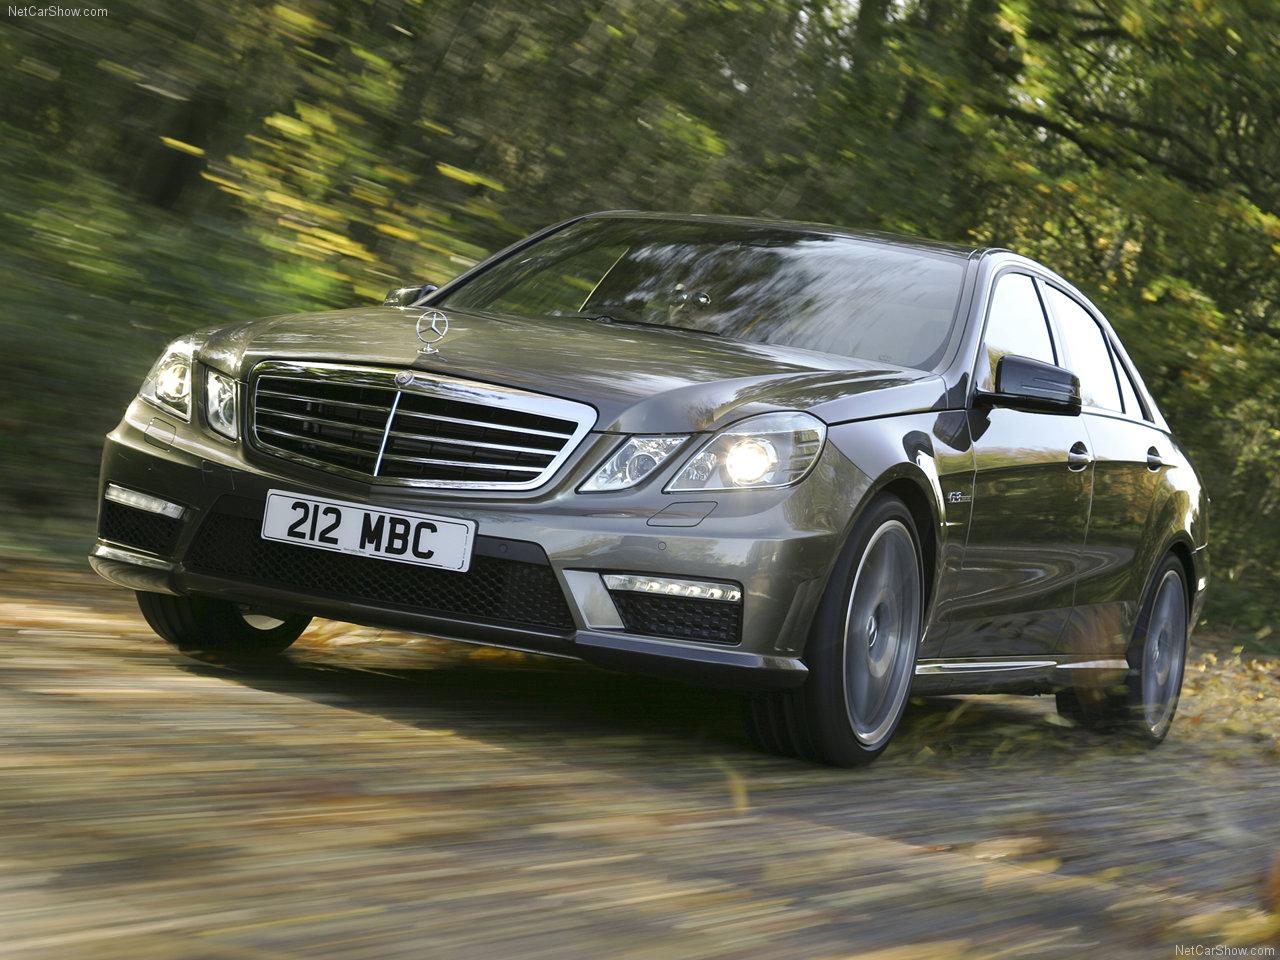 http://2.bp.blogspot.com/_3V1YR3u6VBg/SxLbFDyt5rI/AAAAAAAAASs/96VRY69NcOc/s1600/Mercedes-Benz-E63_AMG_2010_1280x960_wallpaper_02.jpg